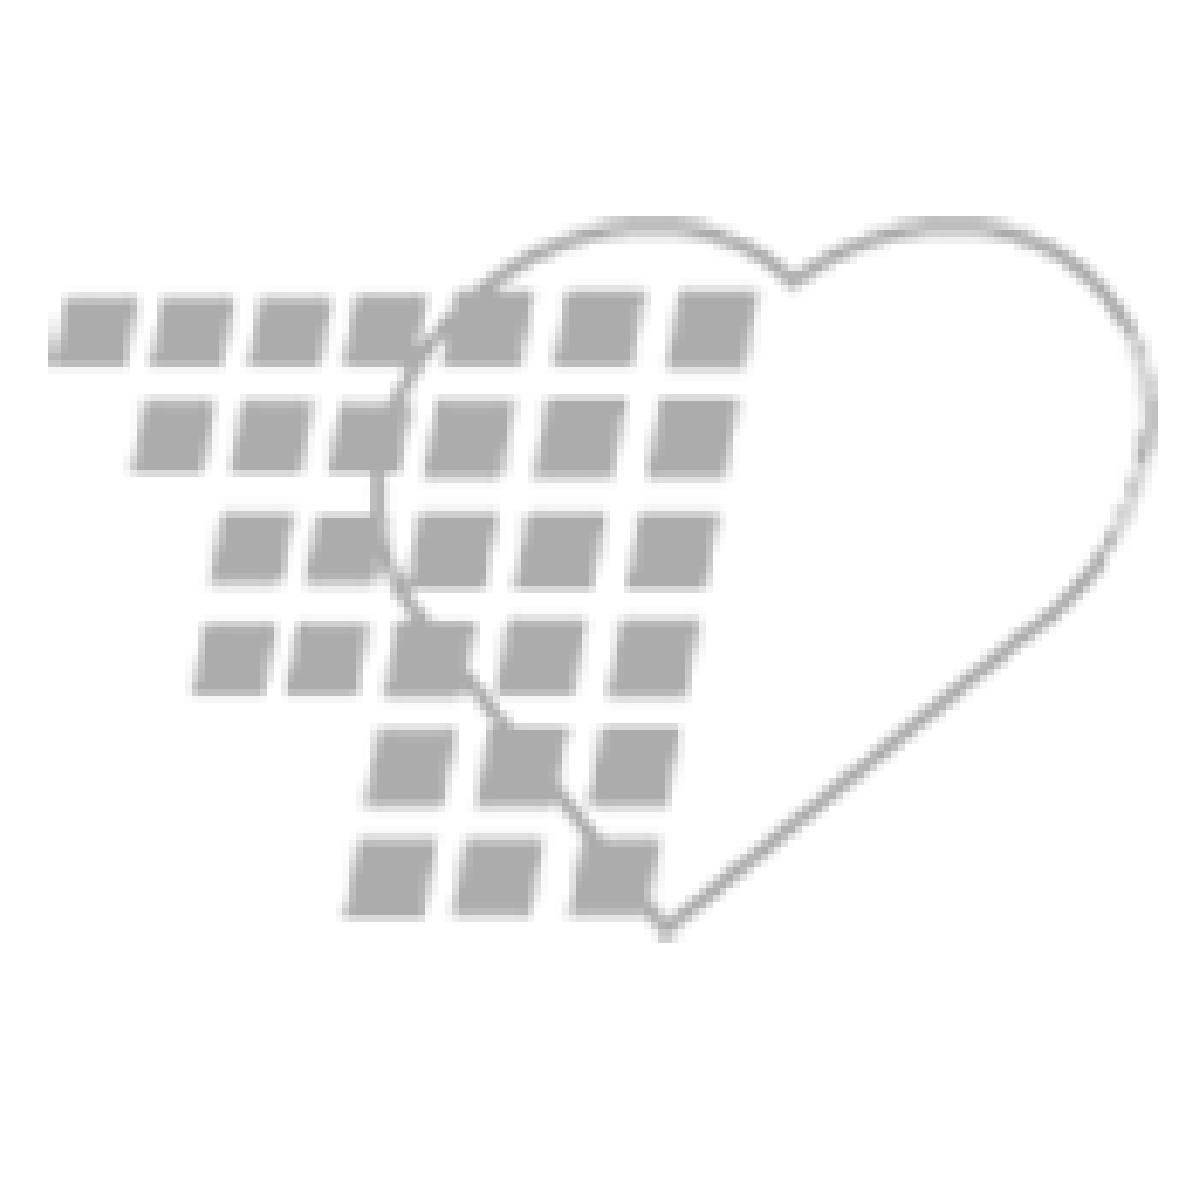 06-93-1115 - Demo Dose® Adenocrd 2 mL 6 mg/2 mL